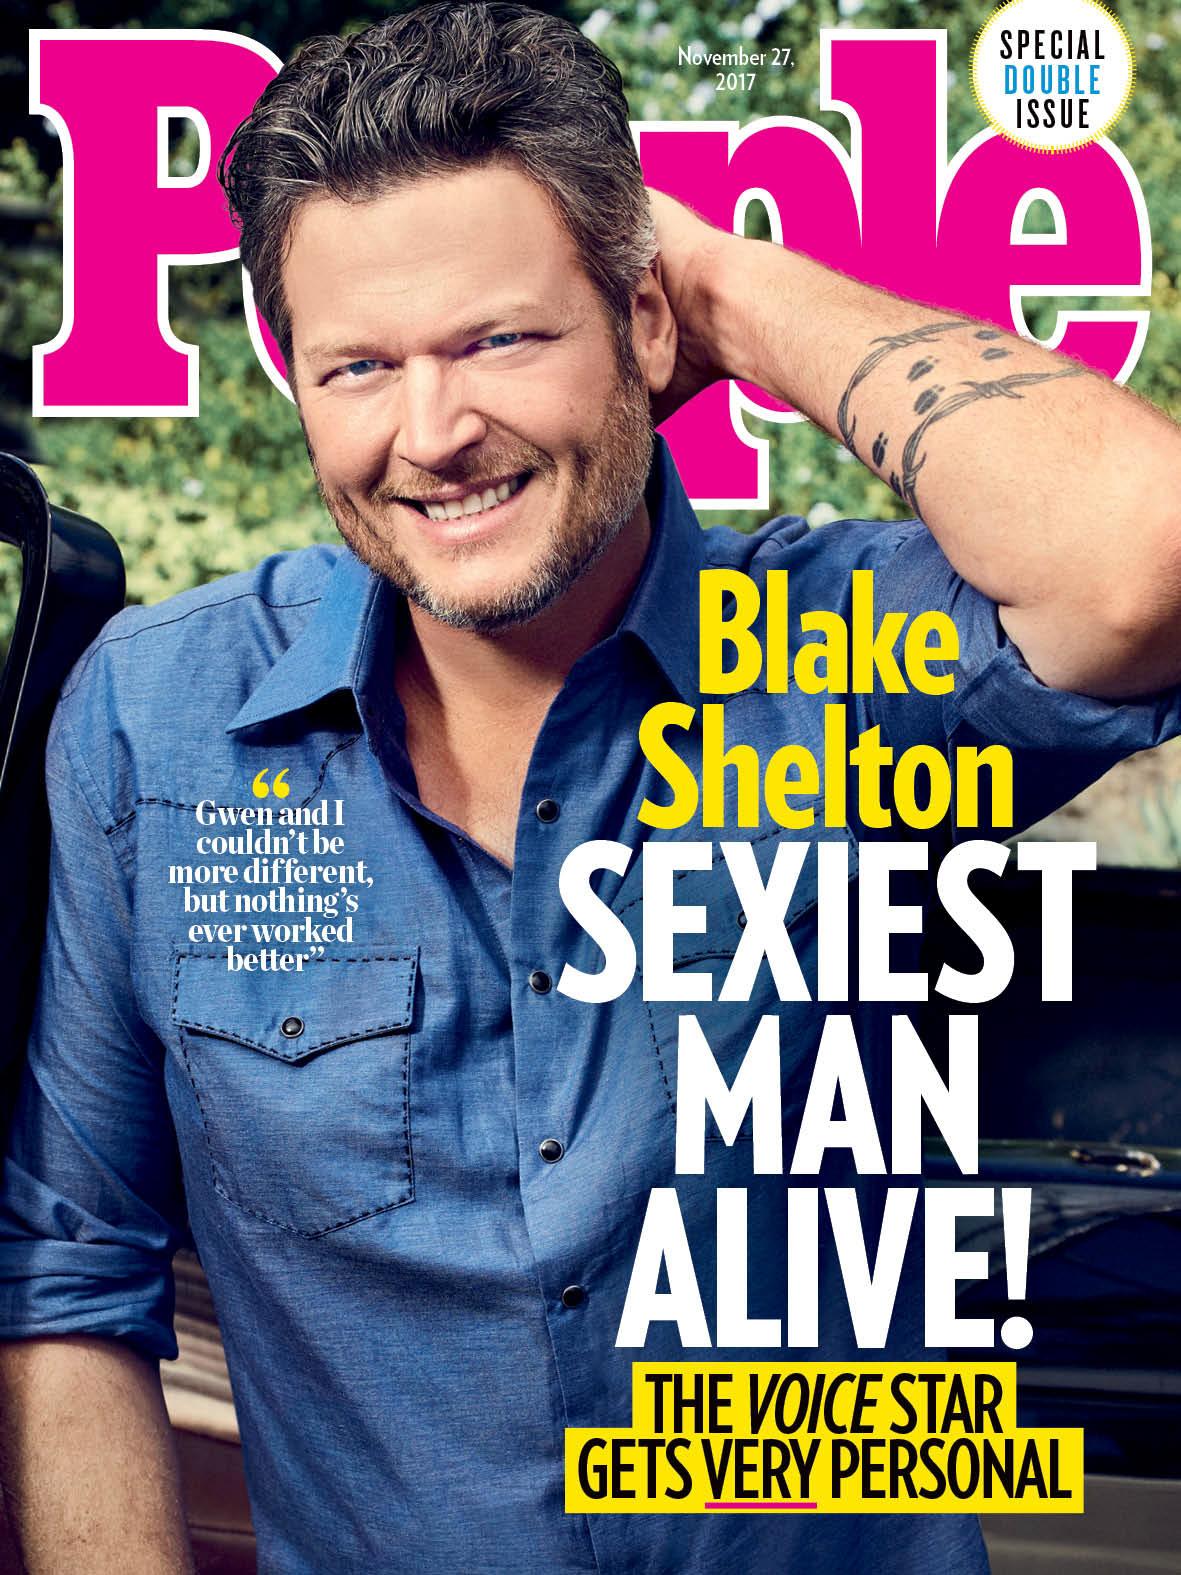 Blake, Taylor, Demi #ShortBuzzz